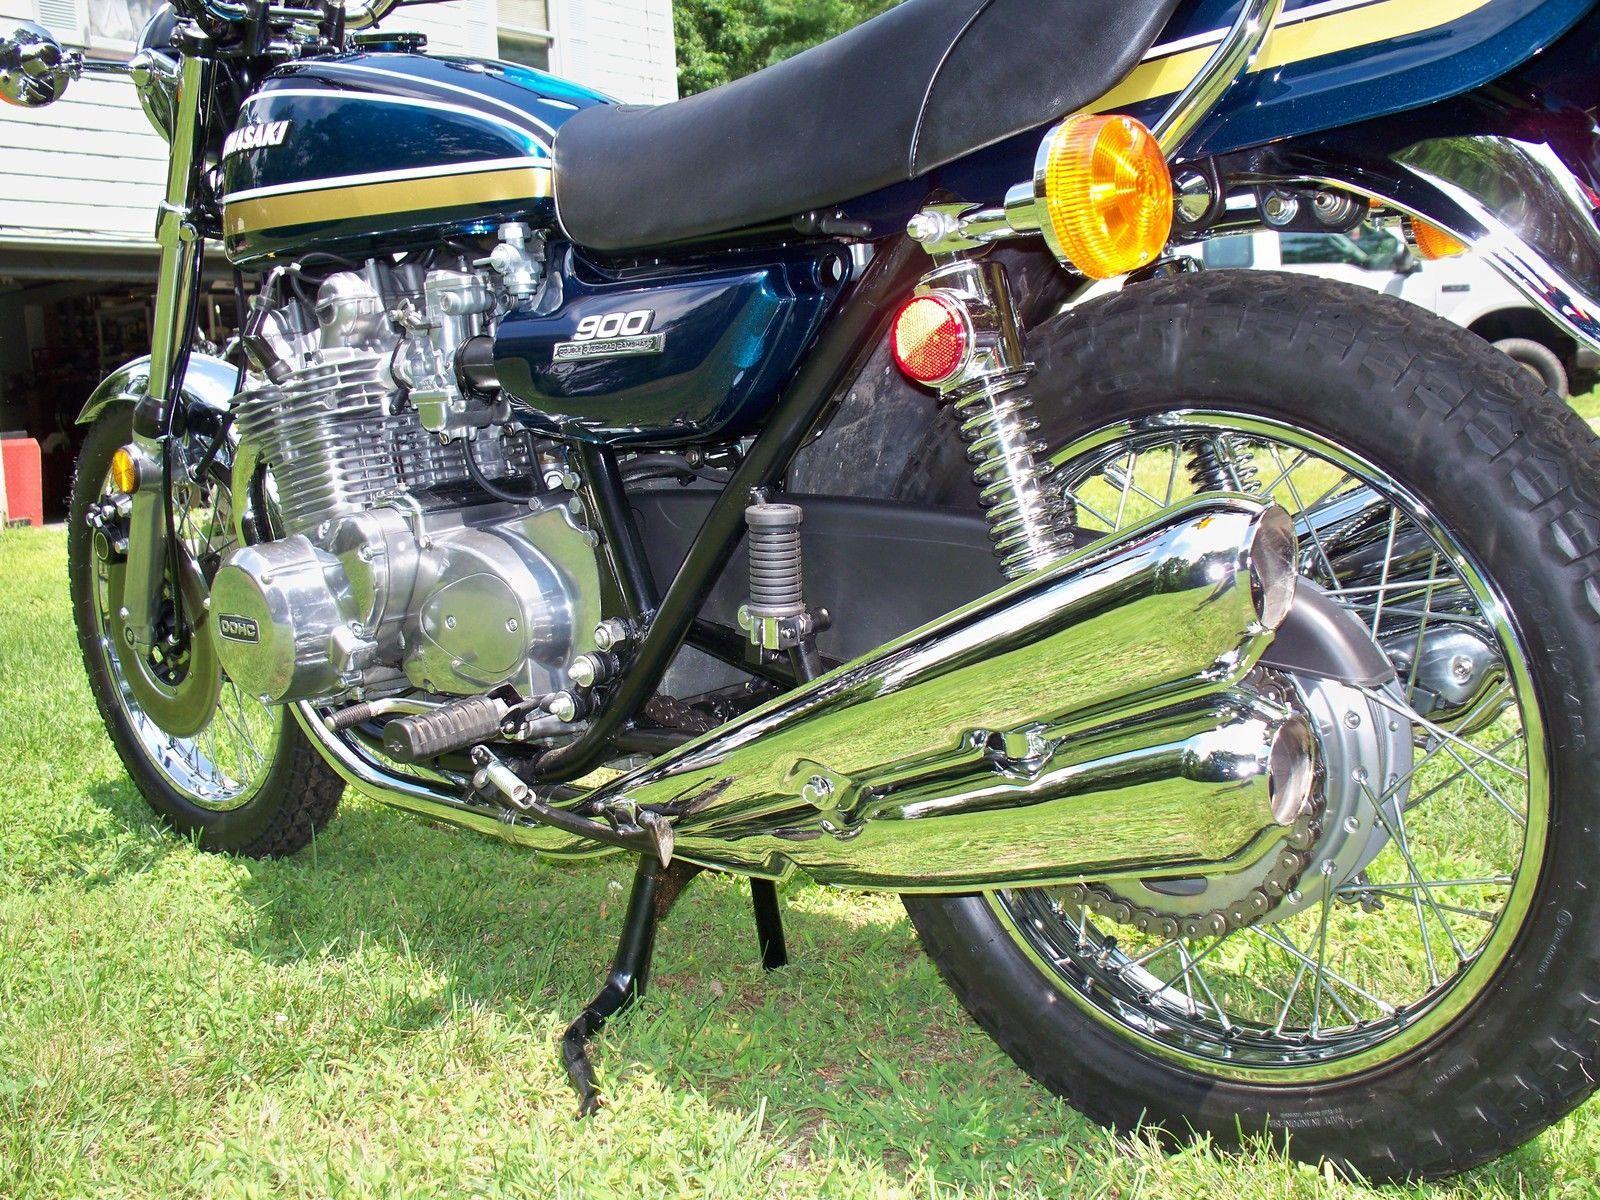 Kawasaki Other | eBay | 1975 Kawasaki Z1b 900cc | Pinterest ...